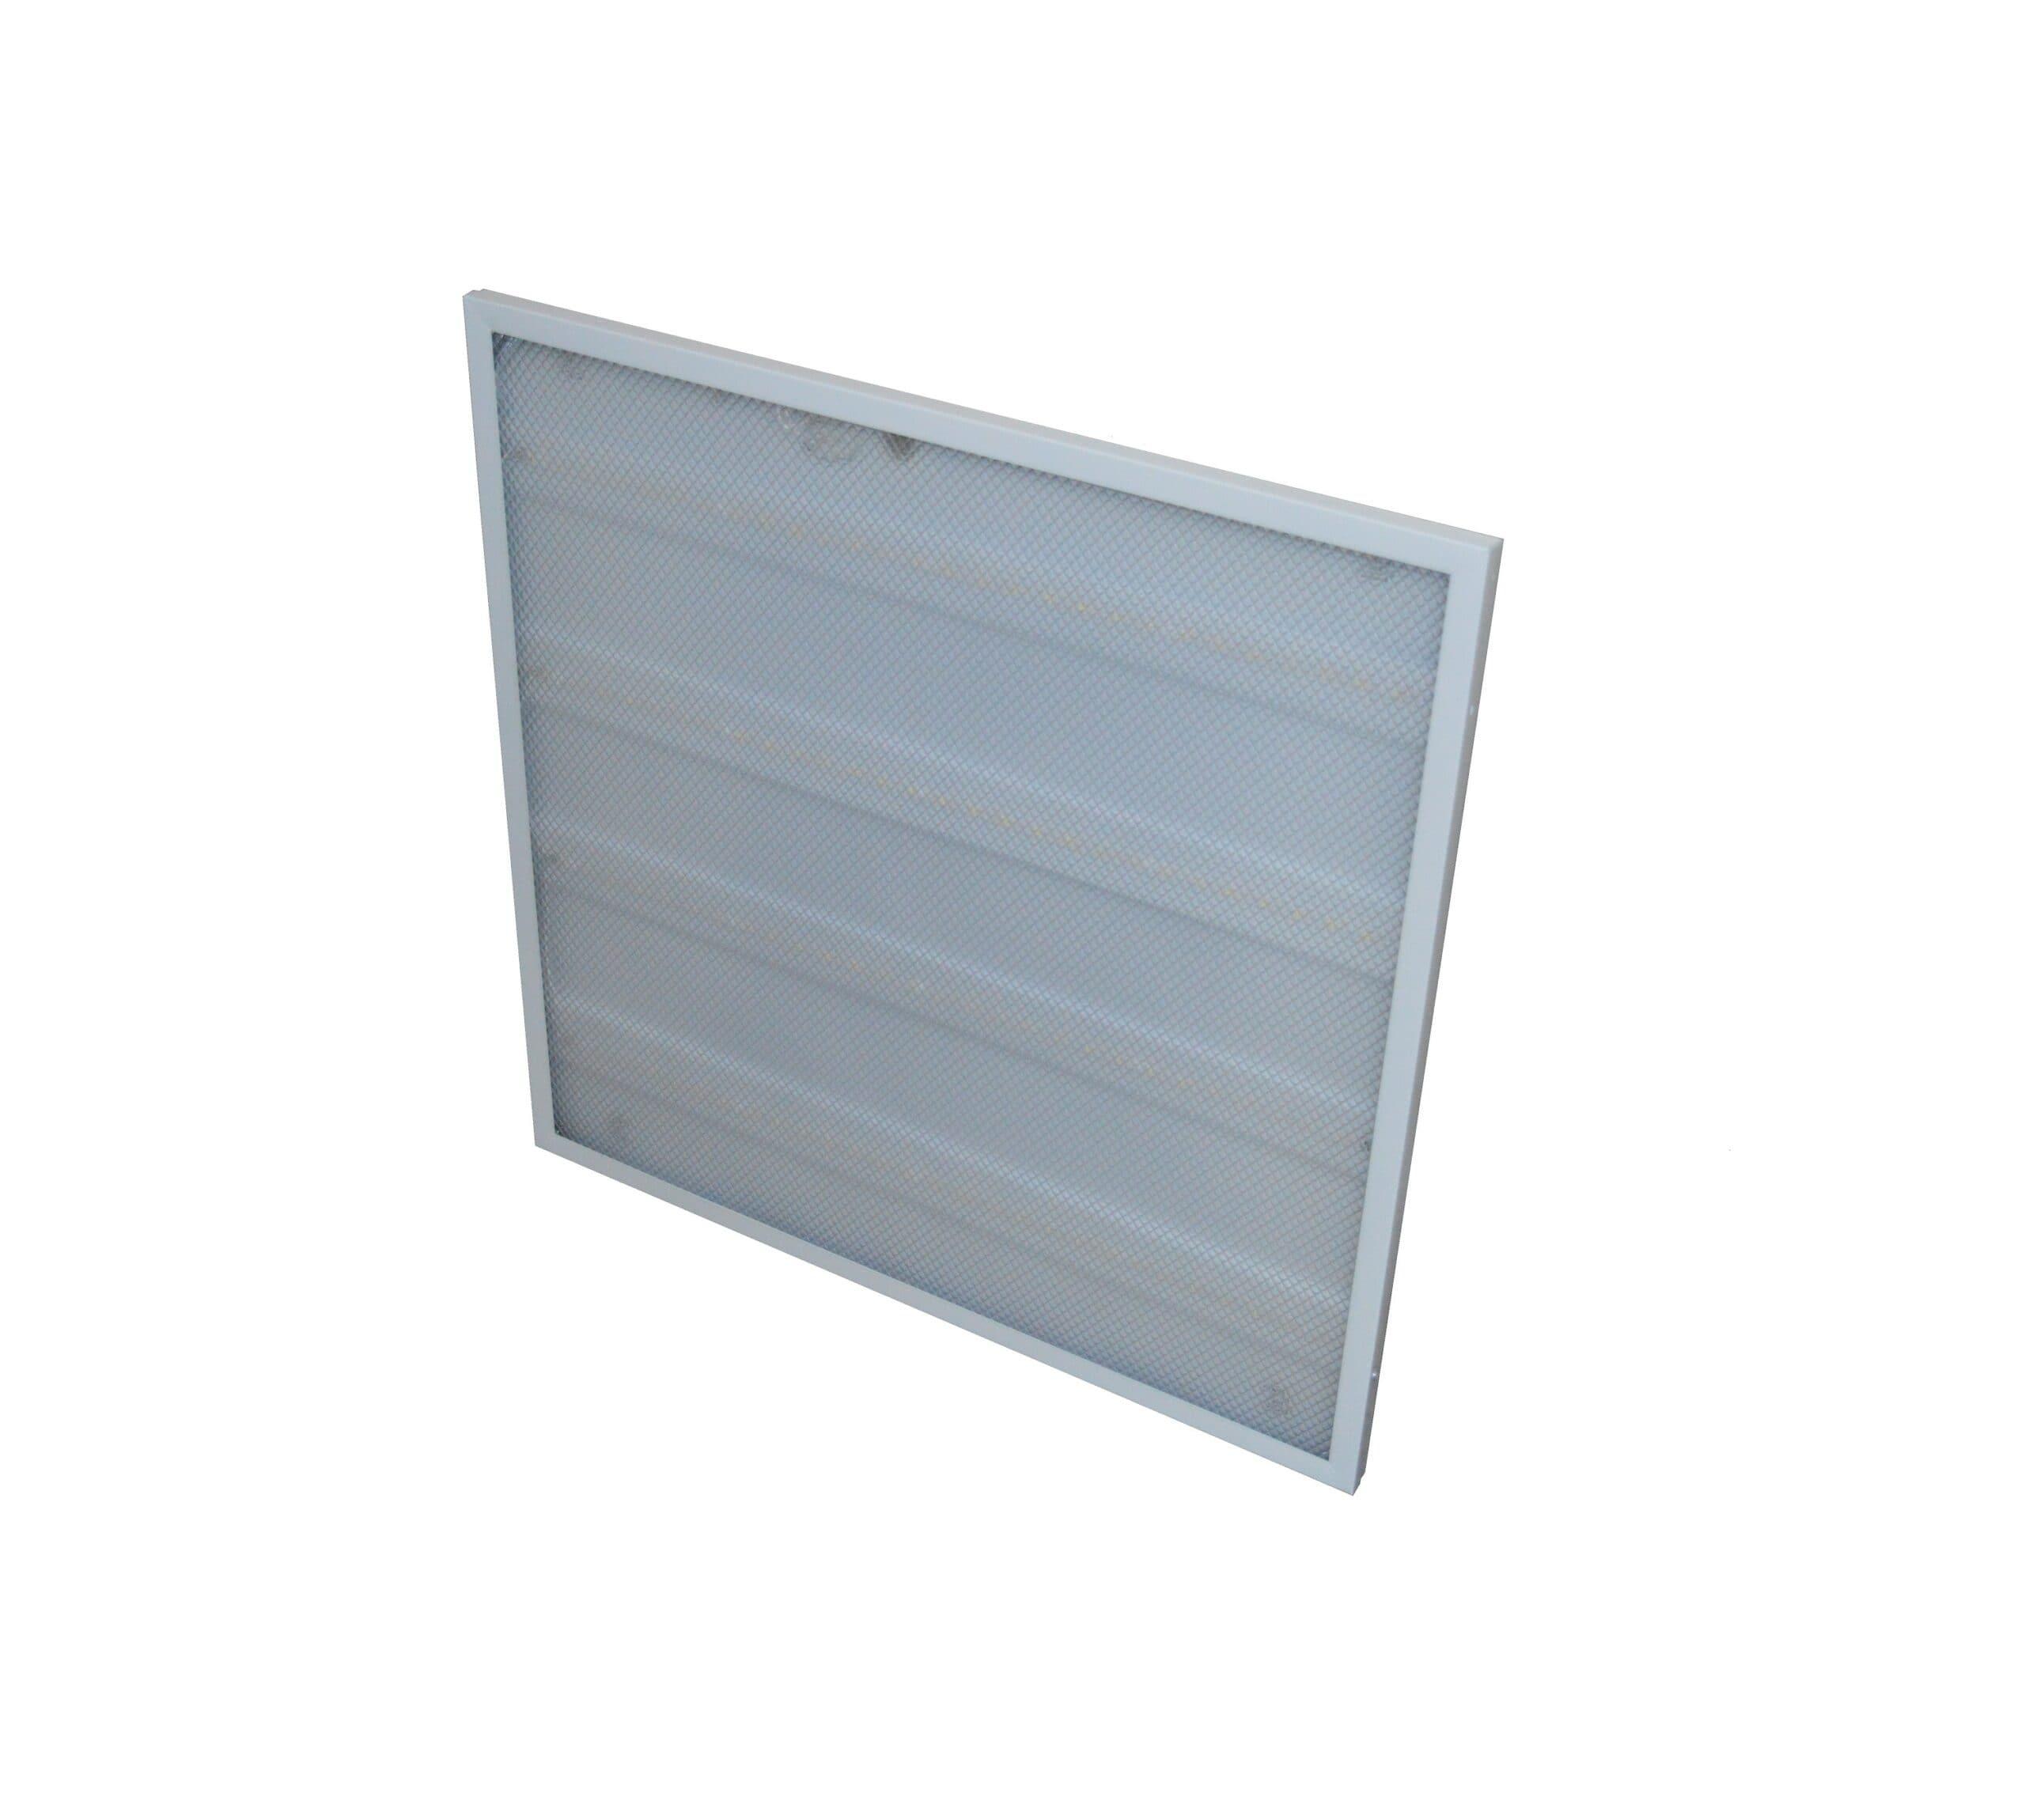 LED панели и растровые светильники - Светильник призматик 36W 4000K IP20 000000463 - Фото 2